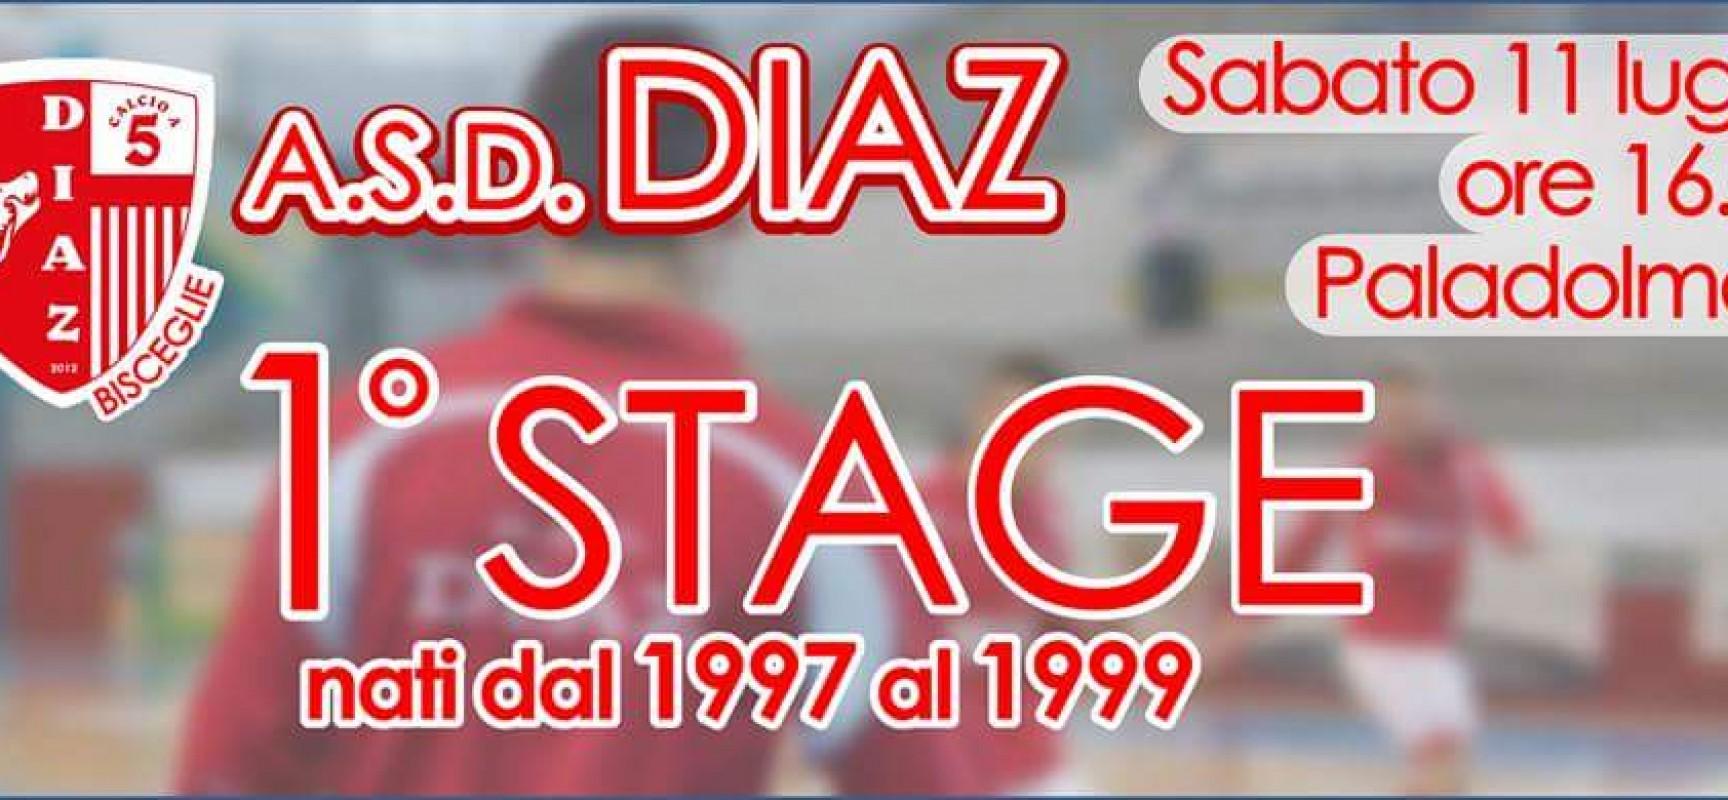 Sabato 11 luglio c'è il 1° stage della Diaz C5